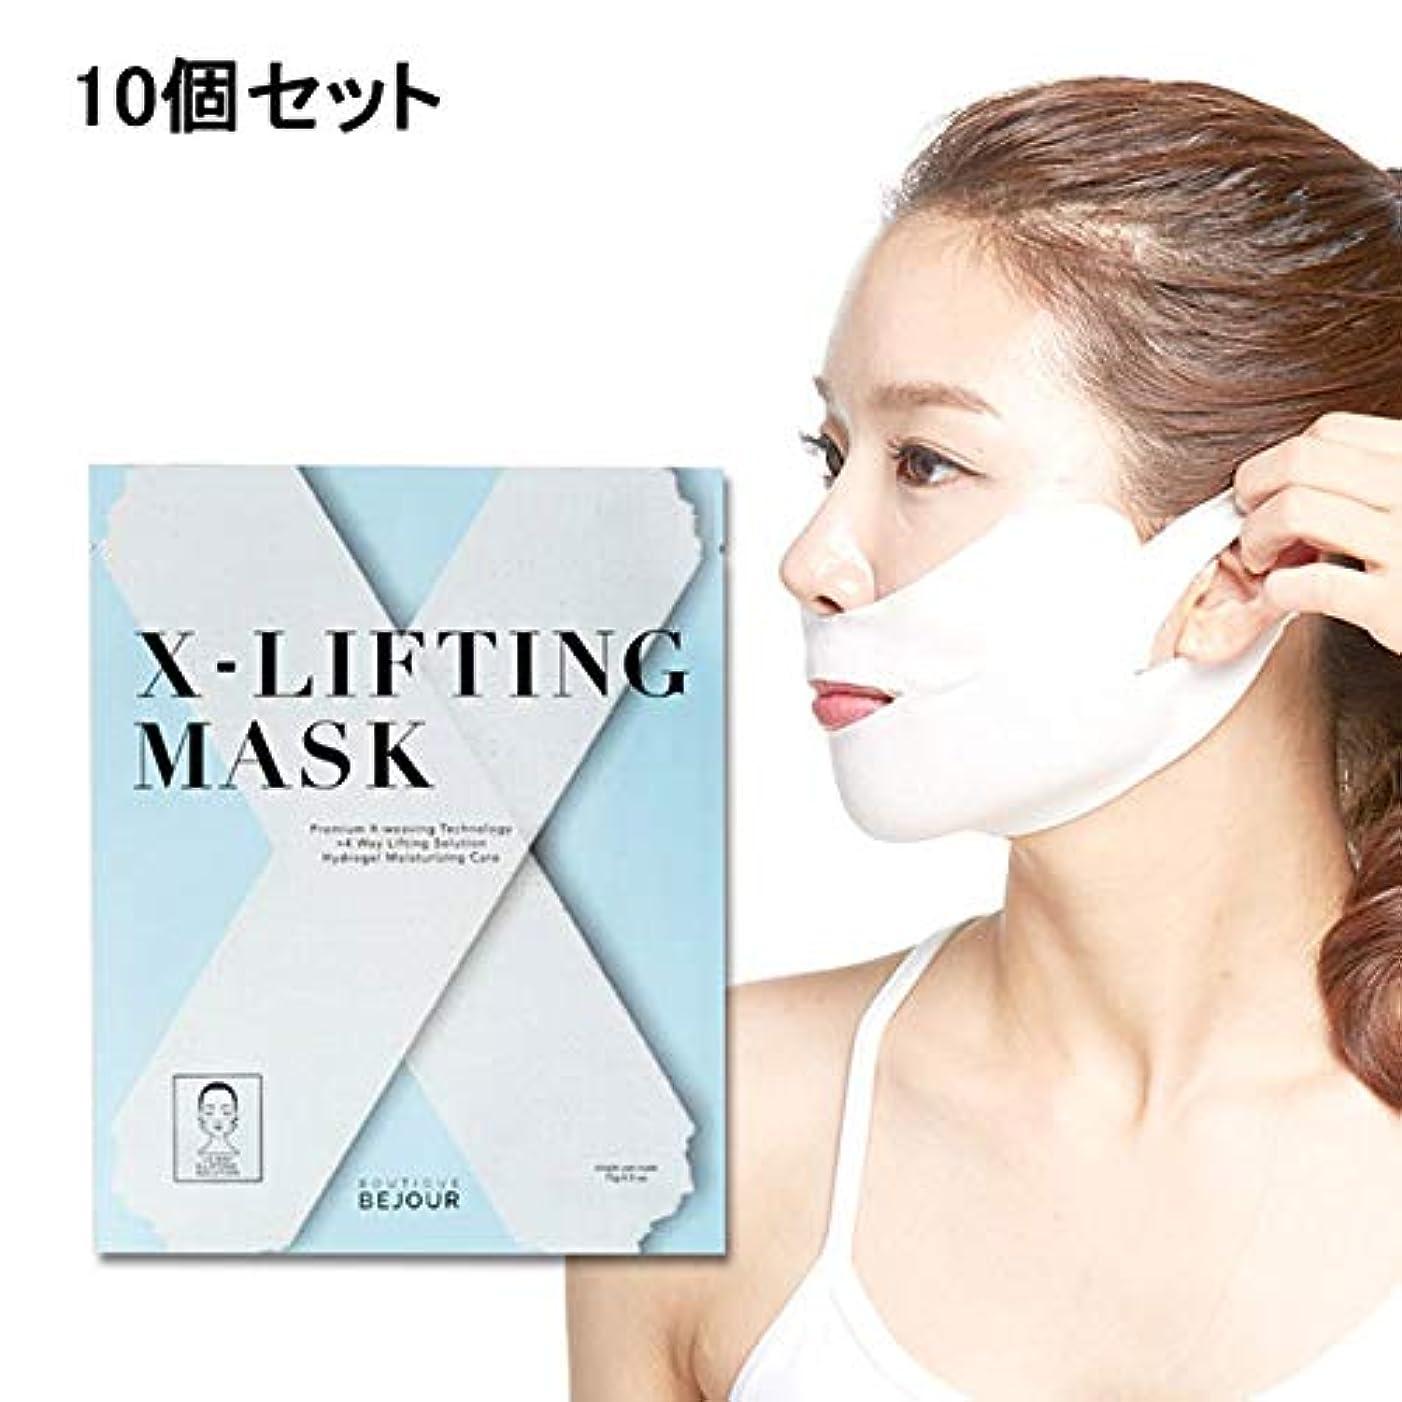 要求する貪欲処方< ビジュール > X-Lifting (エックスリフティング) マスク (10個セット) [ リフトアップ フェイスマスク フェイスシート フェイスパック フェイシャルマスク シートマスク フェイシャルシート フェイシャルパック...